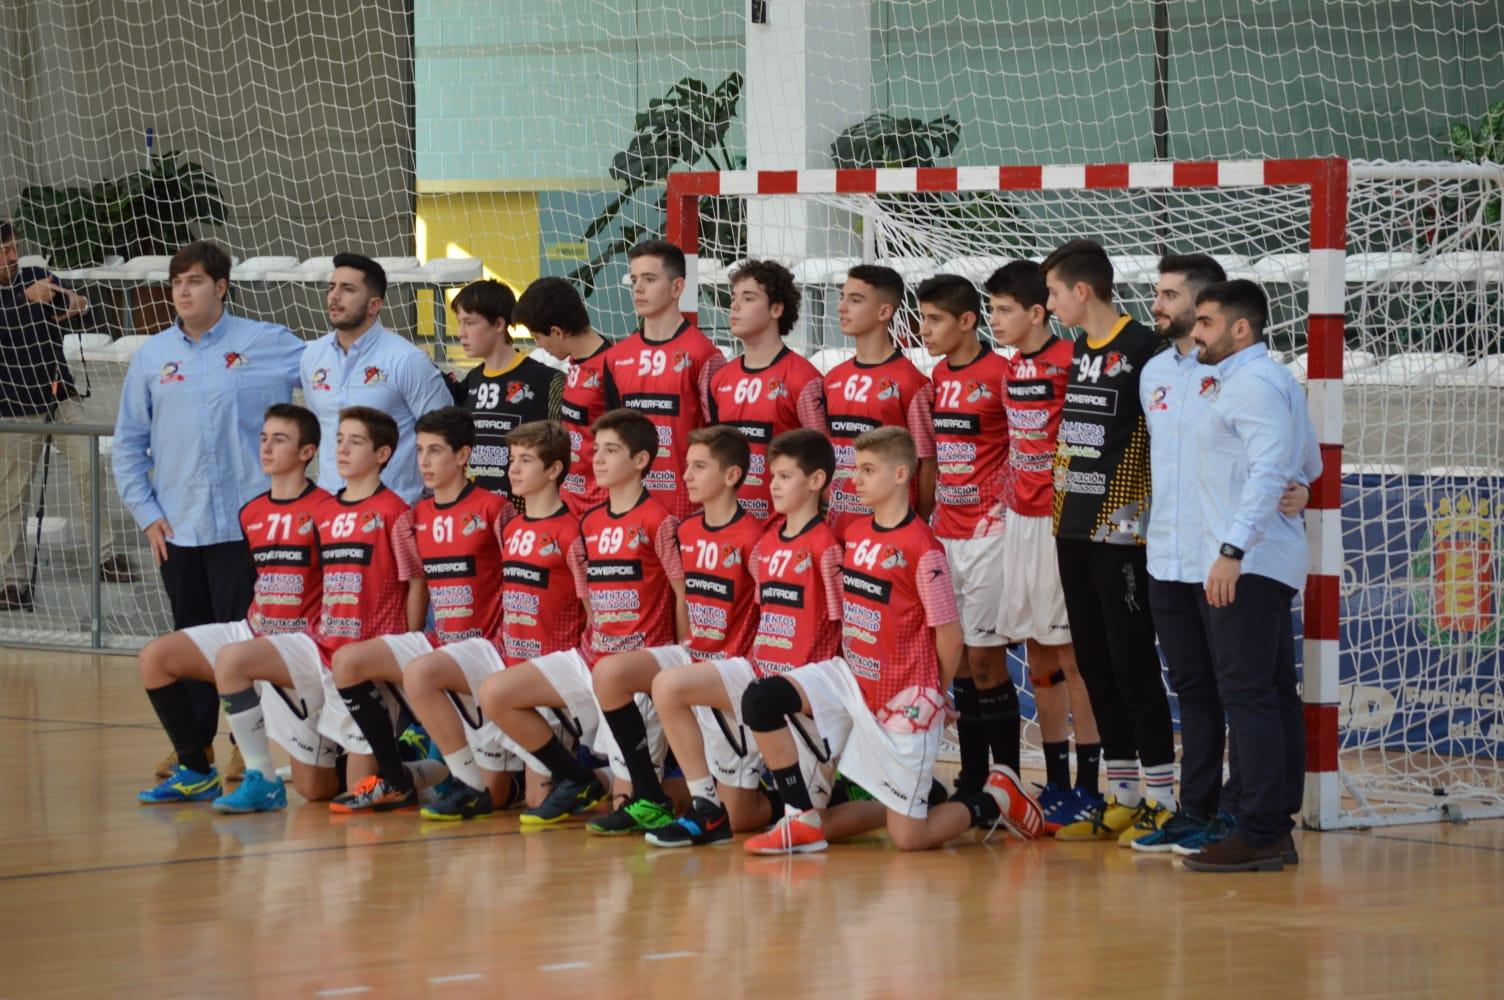 El equipo infantil de Castilla y León, campeón de la Copa de España